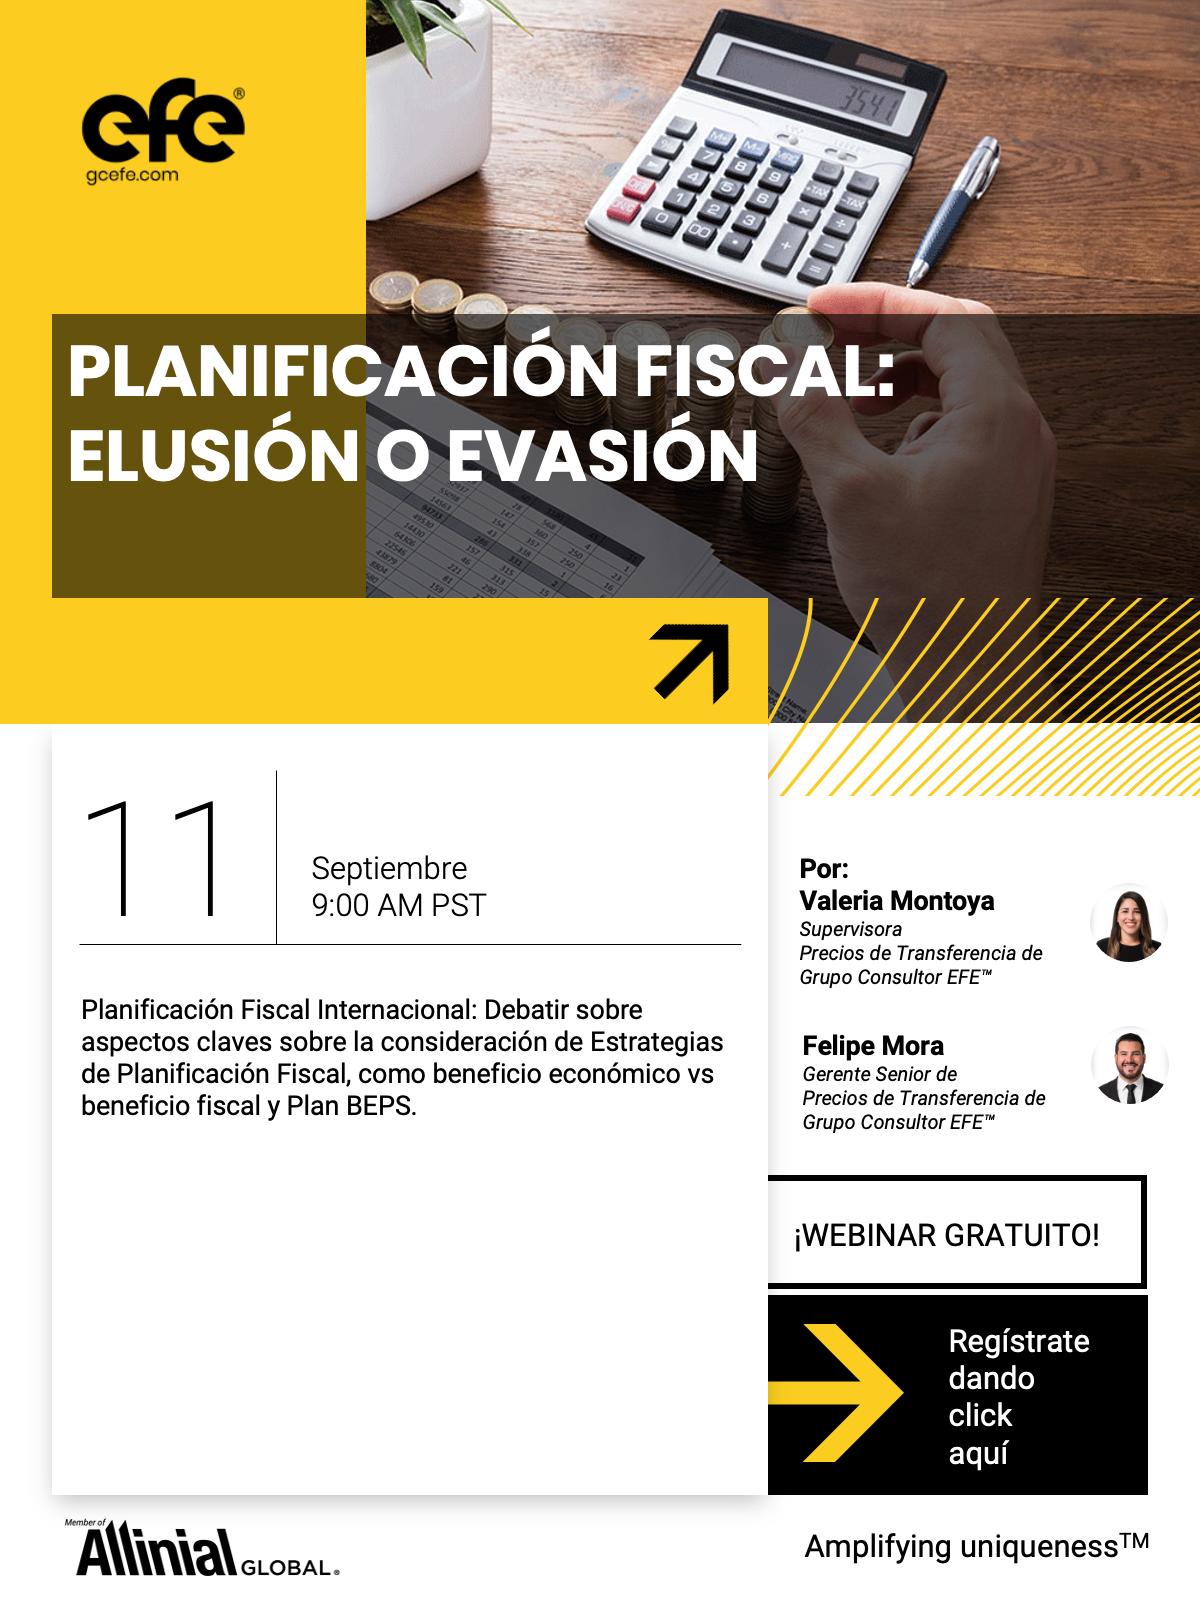 Planificación Fiscal: Elusión O Evasión